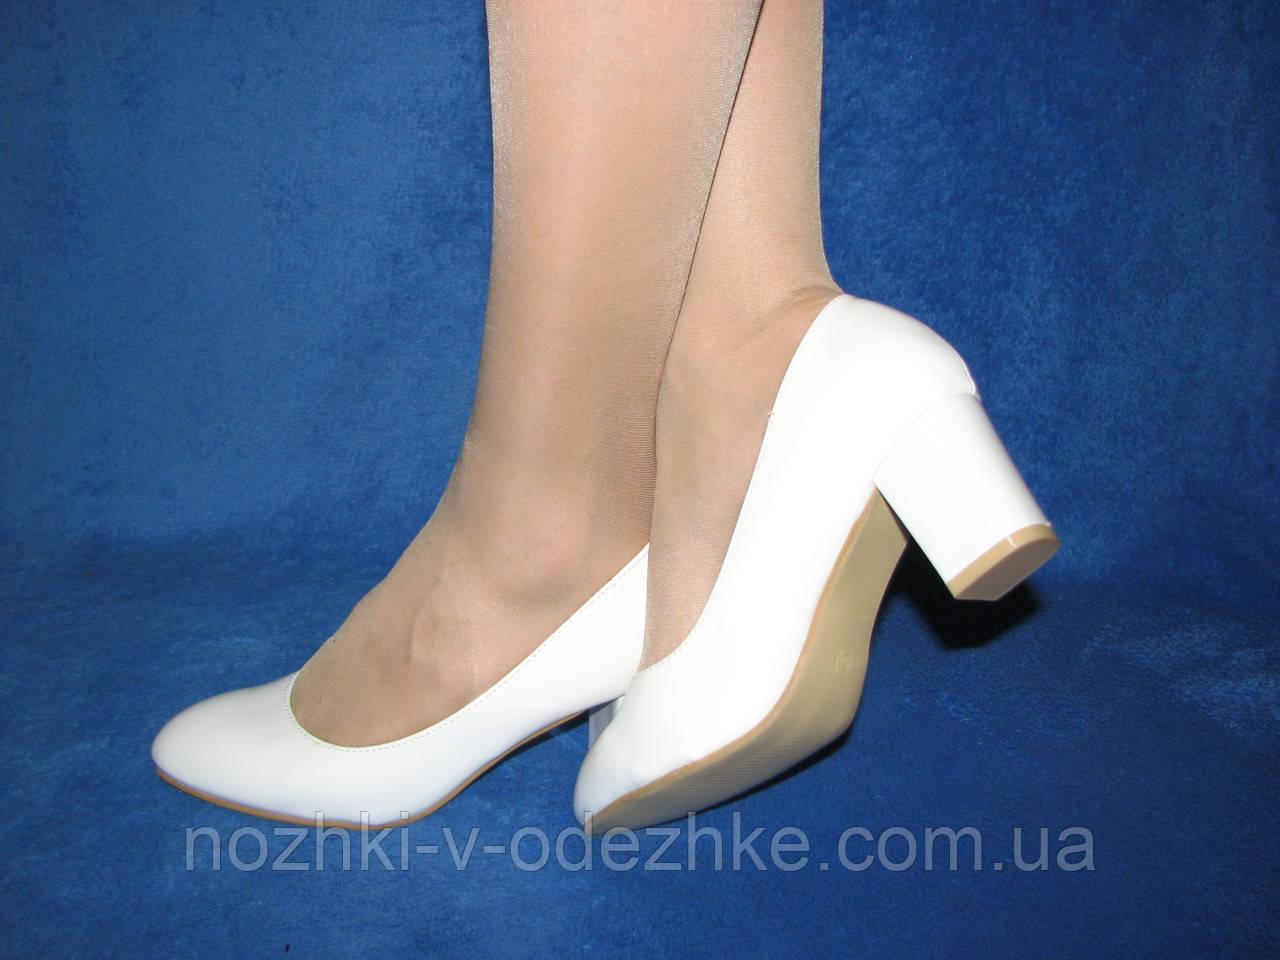 ba54caf1b02d Женские белые лакированные туфли на широком каблуке 36 23 см - Интернет  магазин